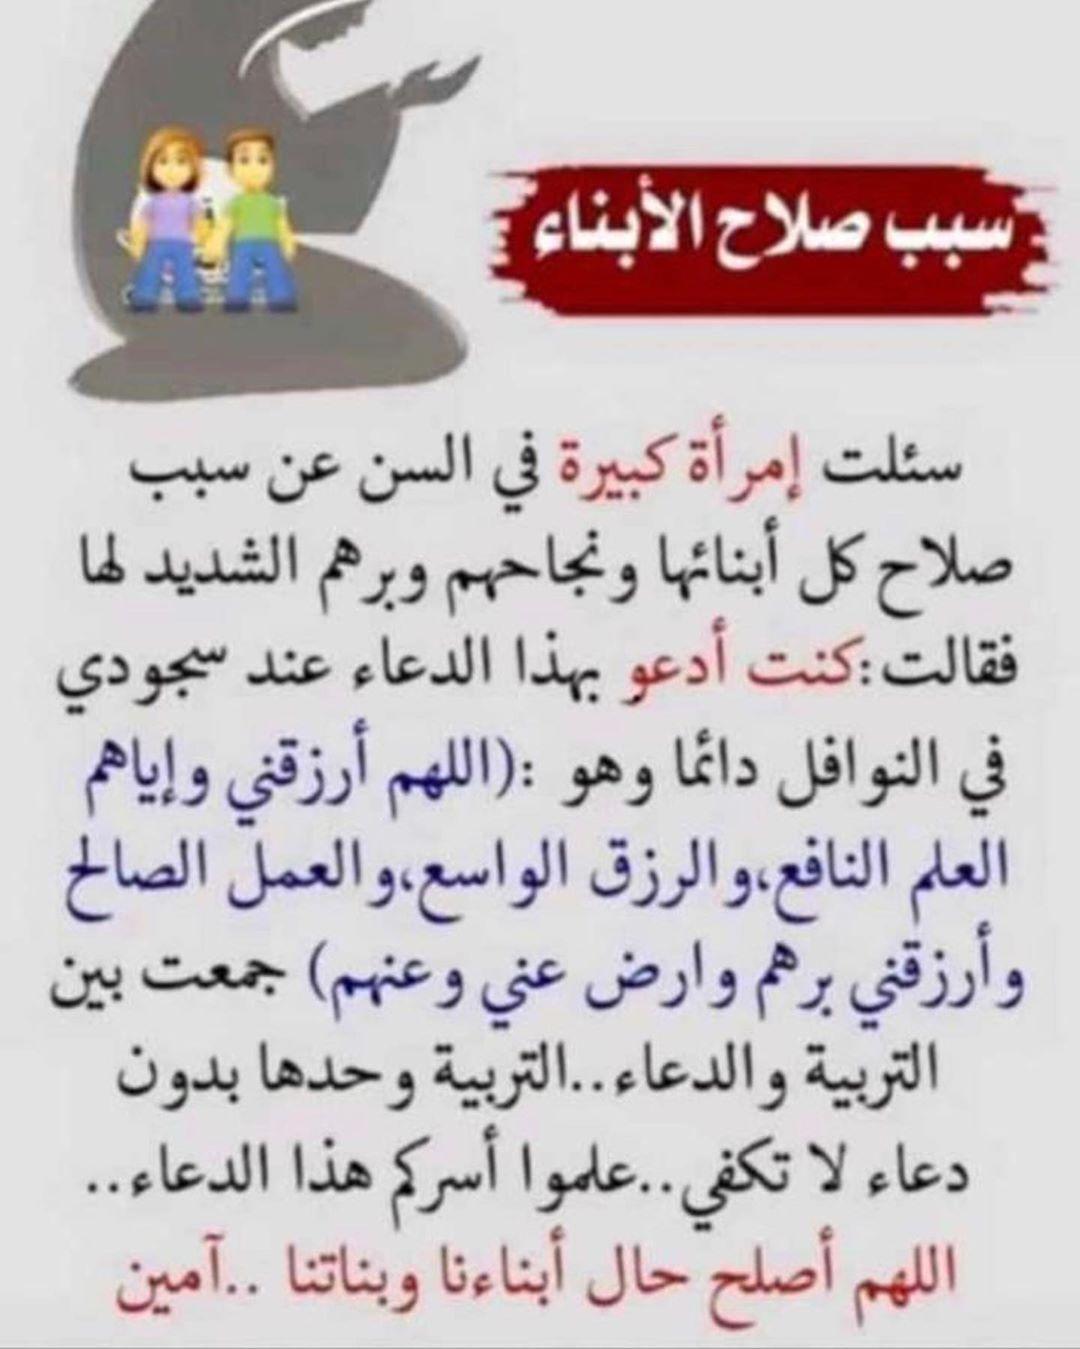 تقديرا لجهودنا ادعمونا ب لايك لايكاتكم تسعدنا استشارات تربوية اباءناجحون تربية Islam Facts Quran Quotes Inspirational Islamic Pictures